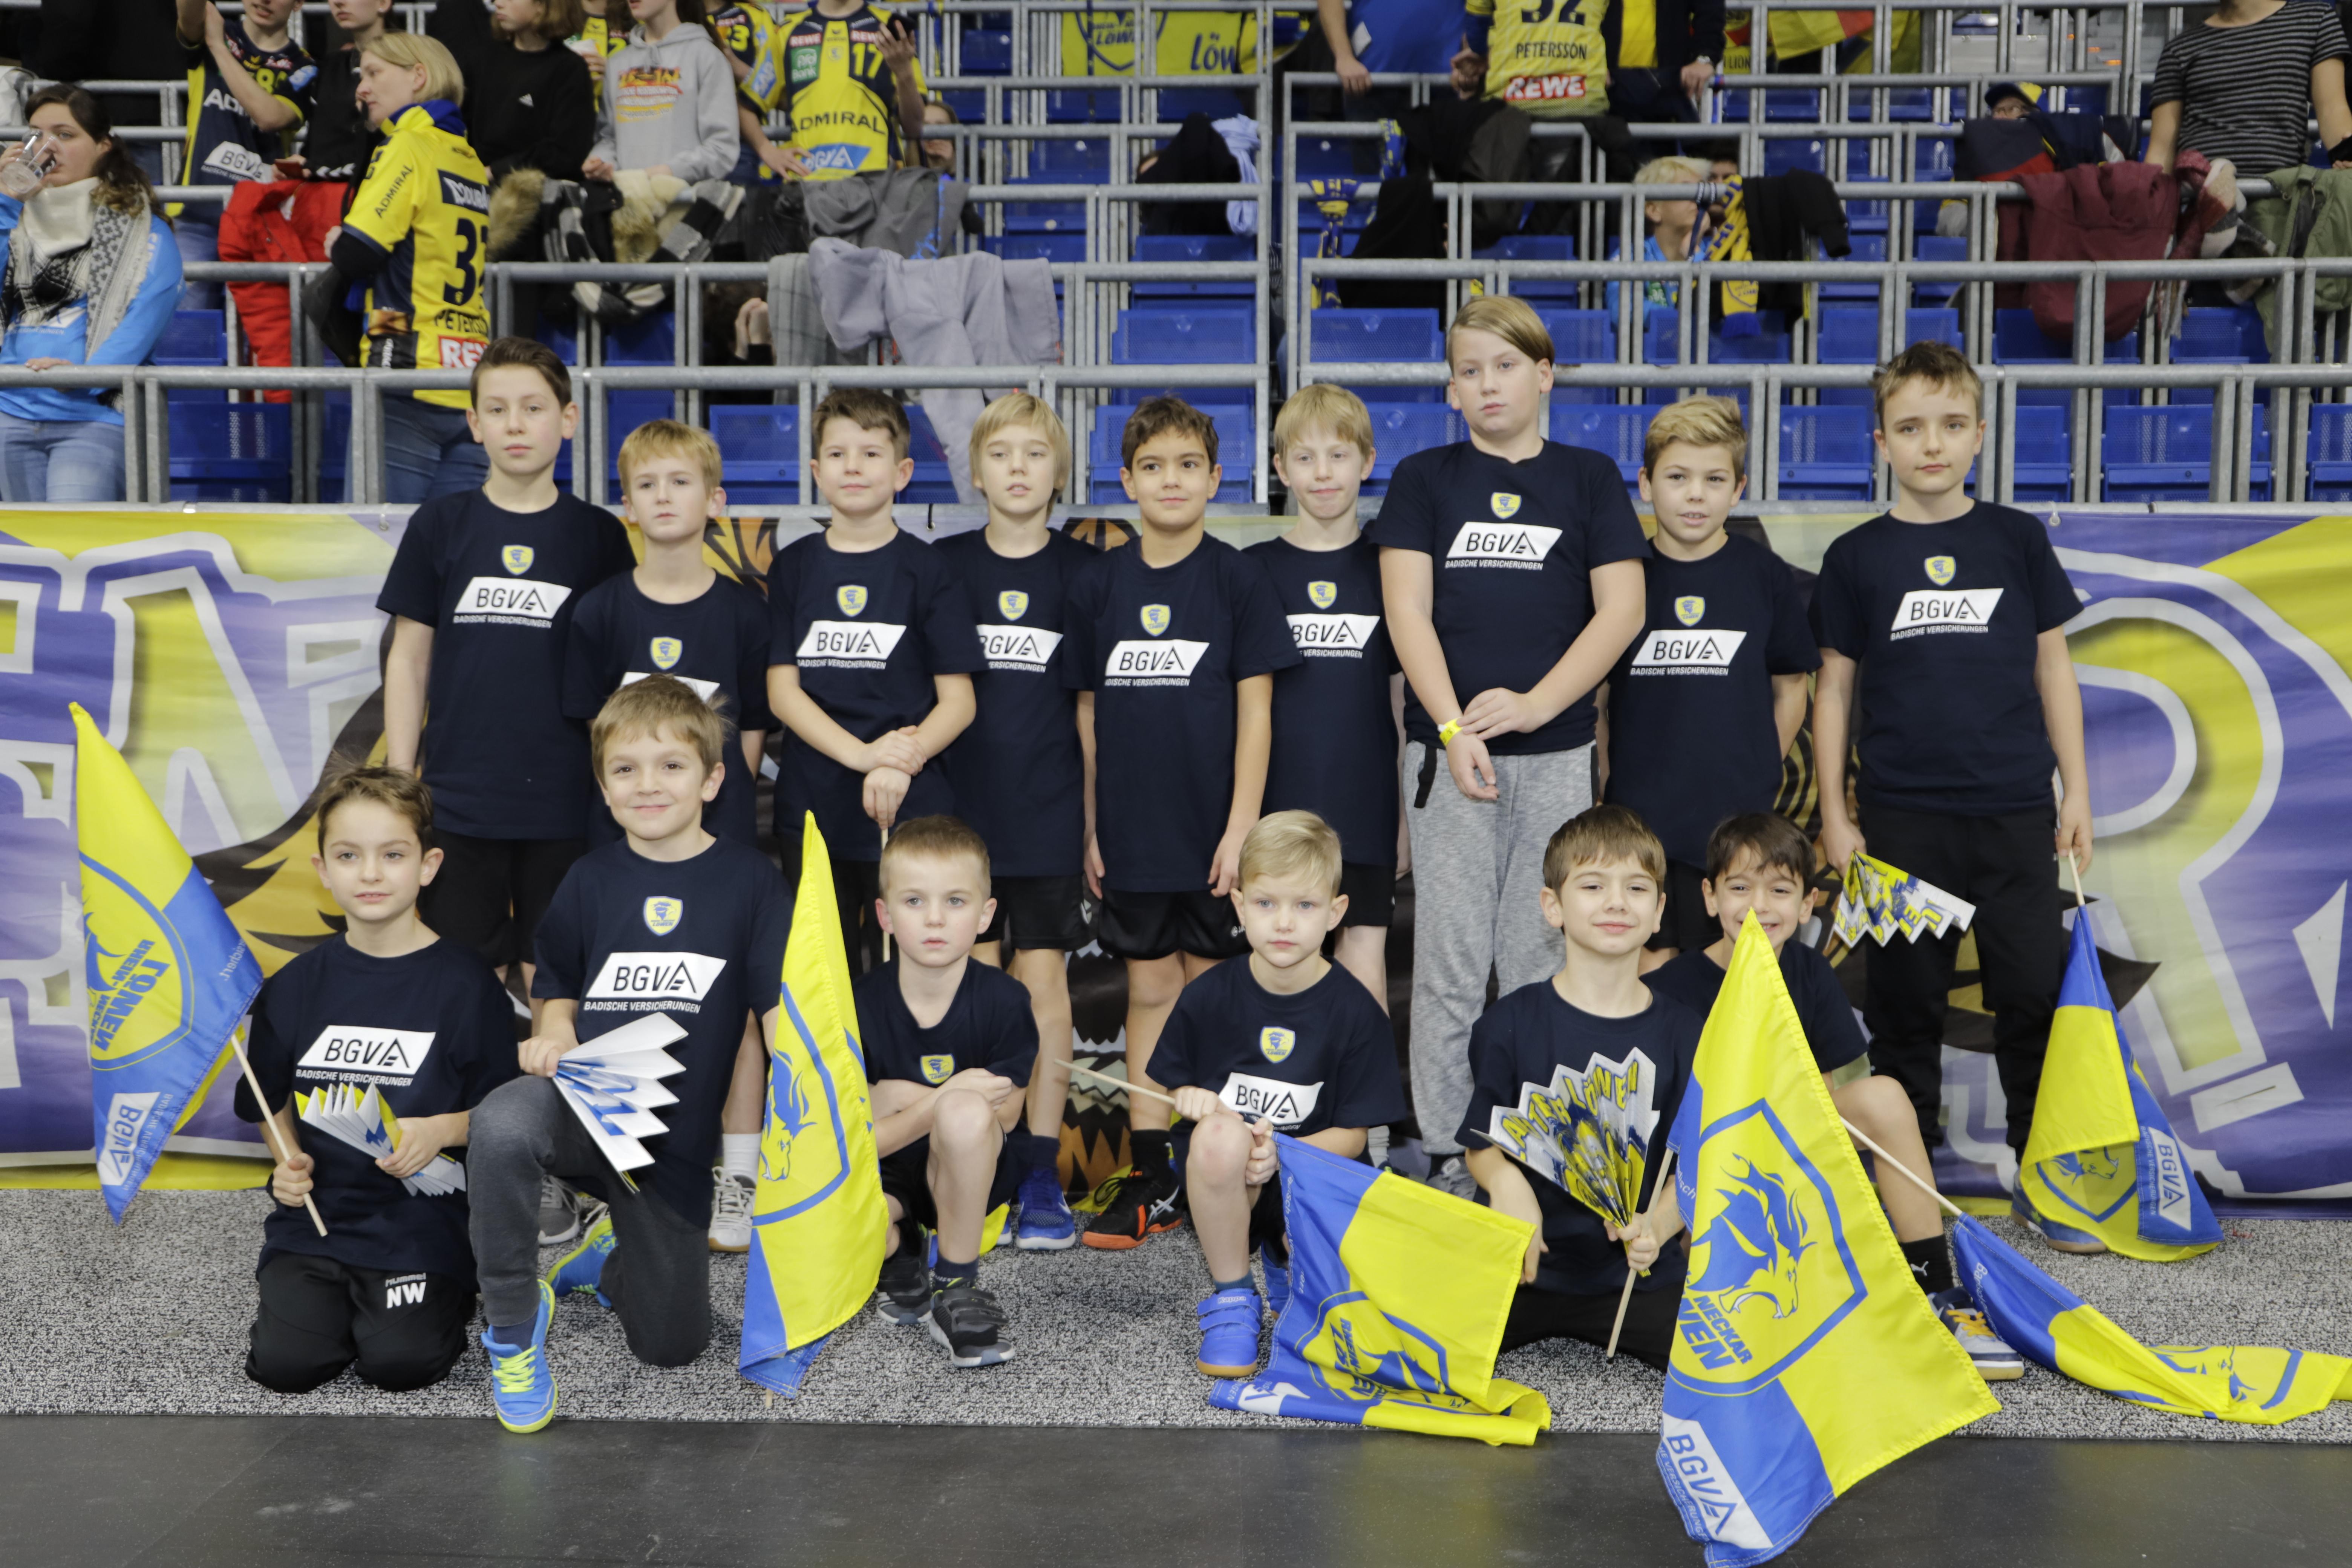 2018-12-15 0069 Handballspiel RNL HAN - Mannheim